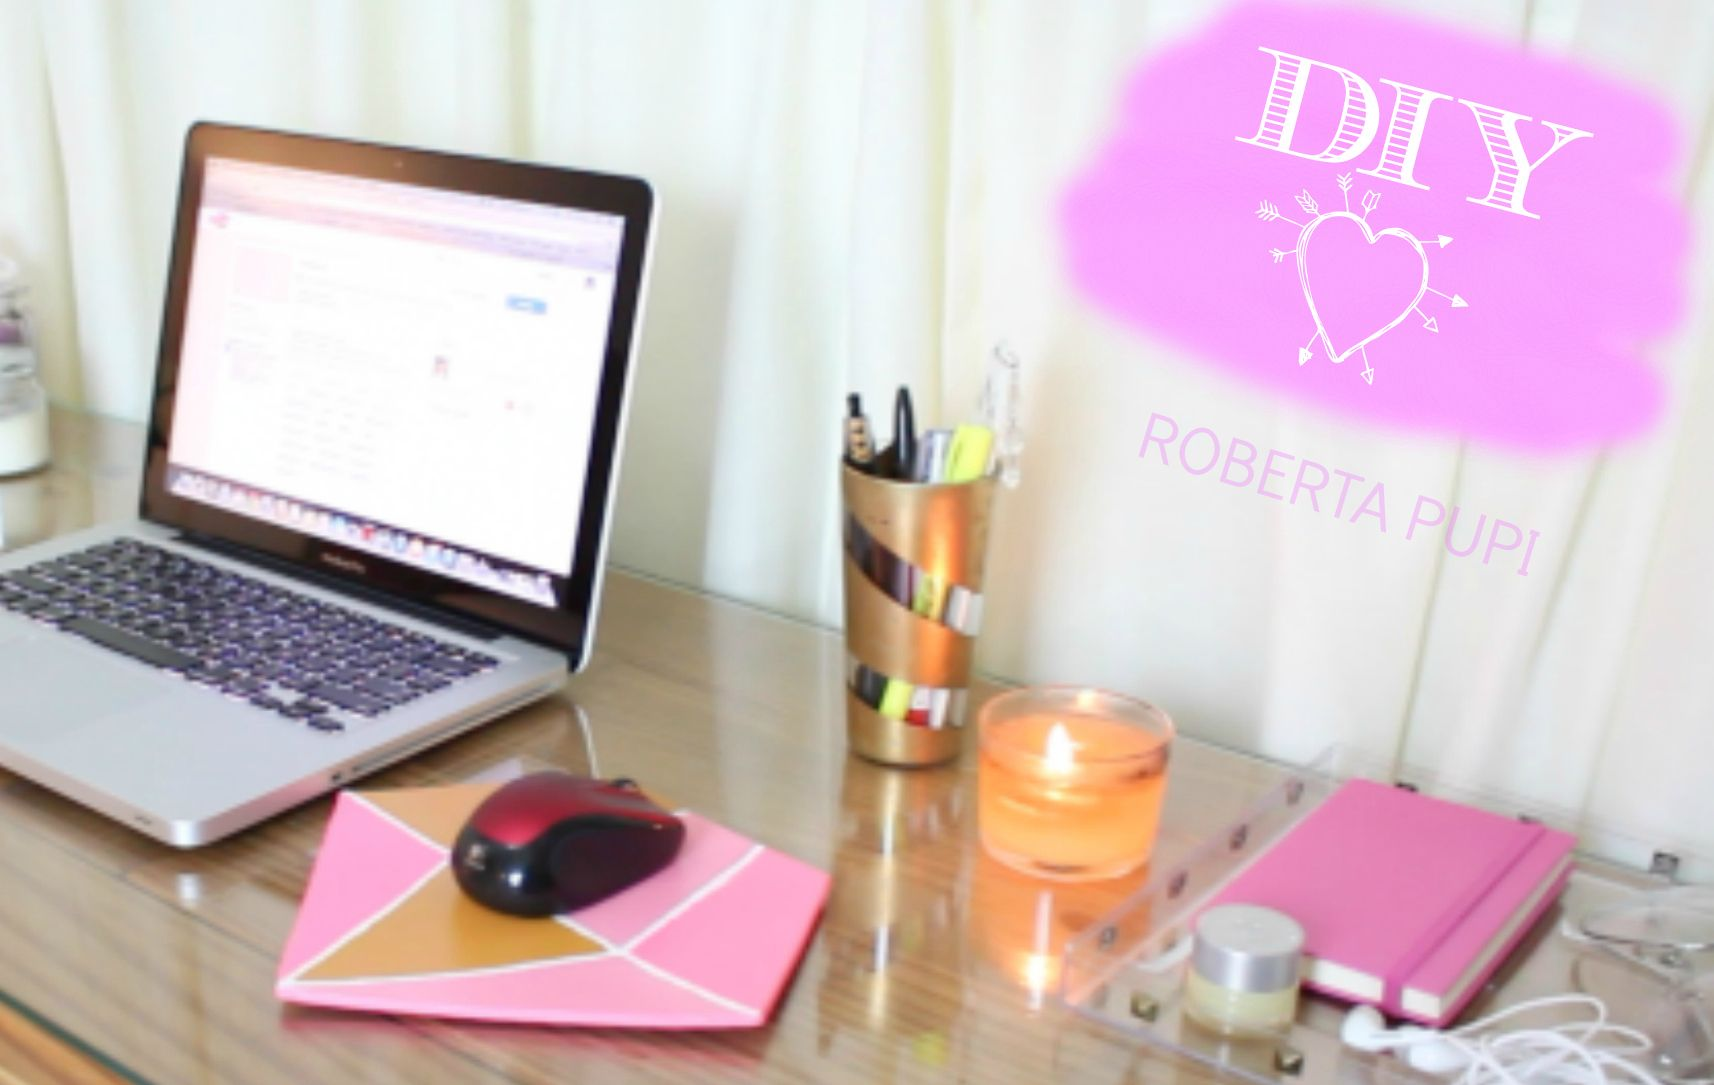 Diy Decore Organize Sua Escrivaninha Diy Ideias Criativas Decoracao